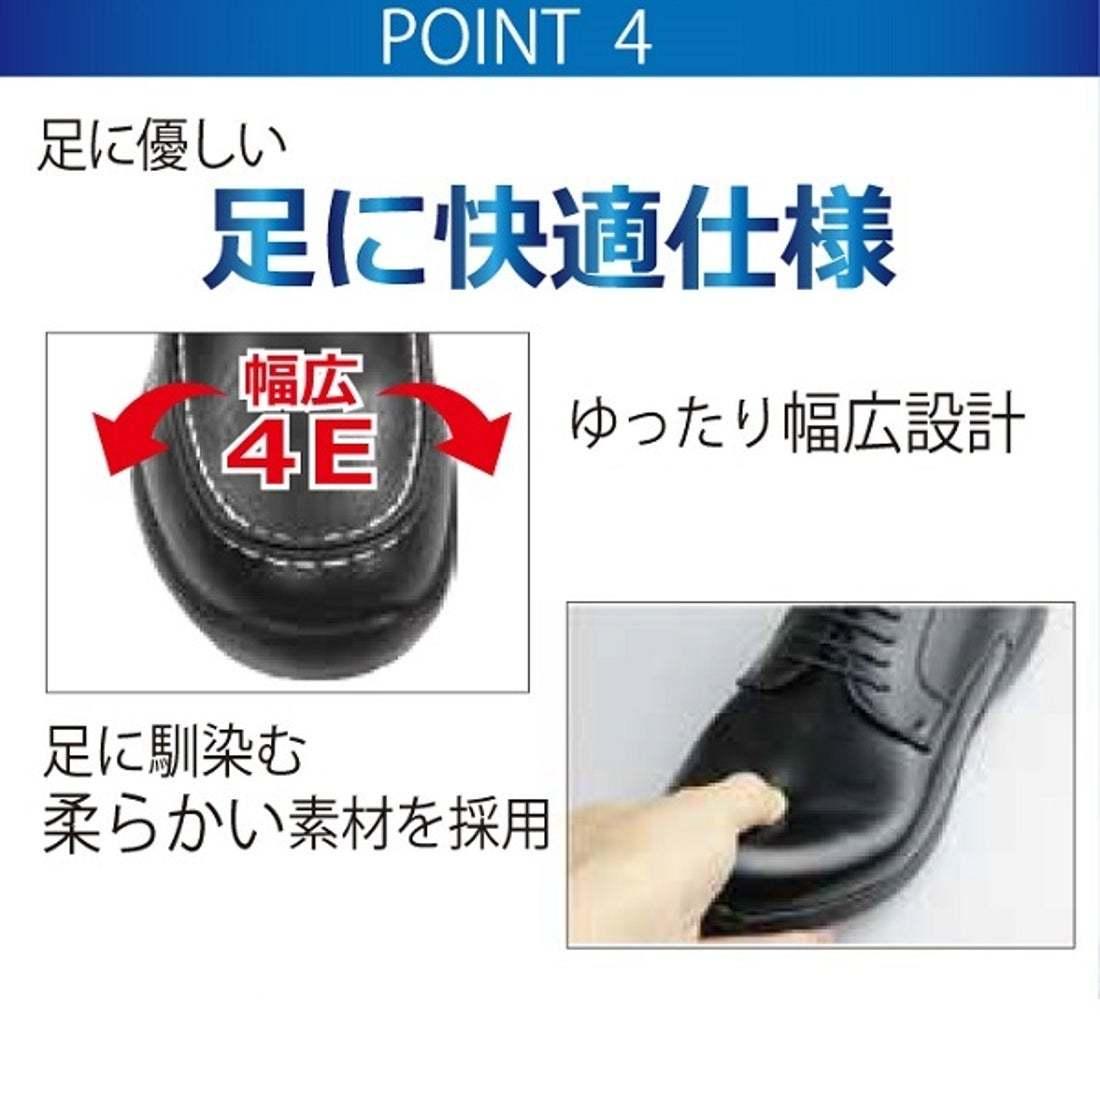 【安い】【超軽量】【防水】【幅広】GRAVITY FREE メンズ ウォーキング ビジネスシューズ 紳士靴 革靴 606 スリッポン ブラウン 茶 24.5cm